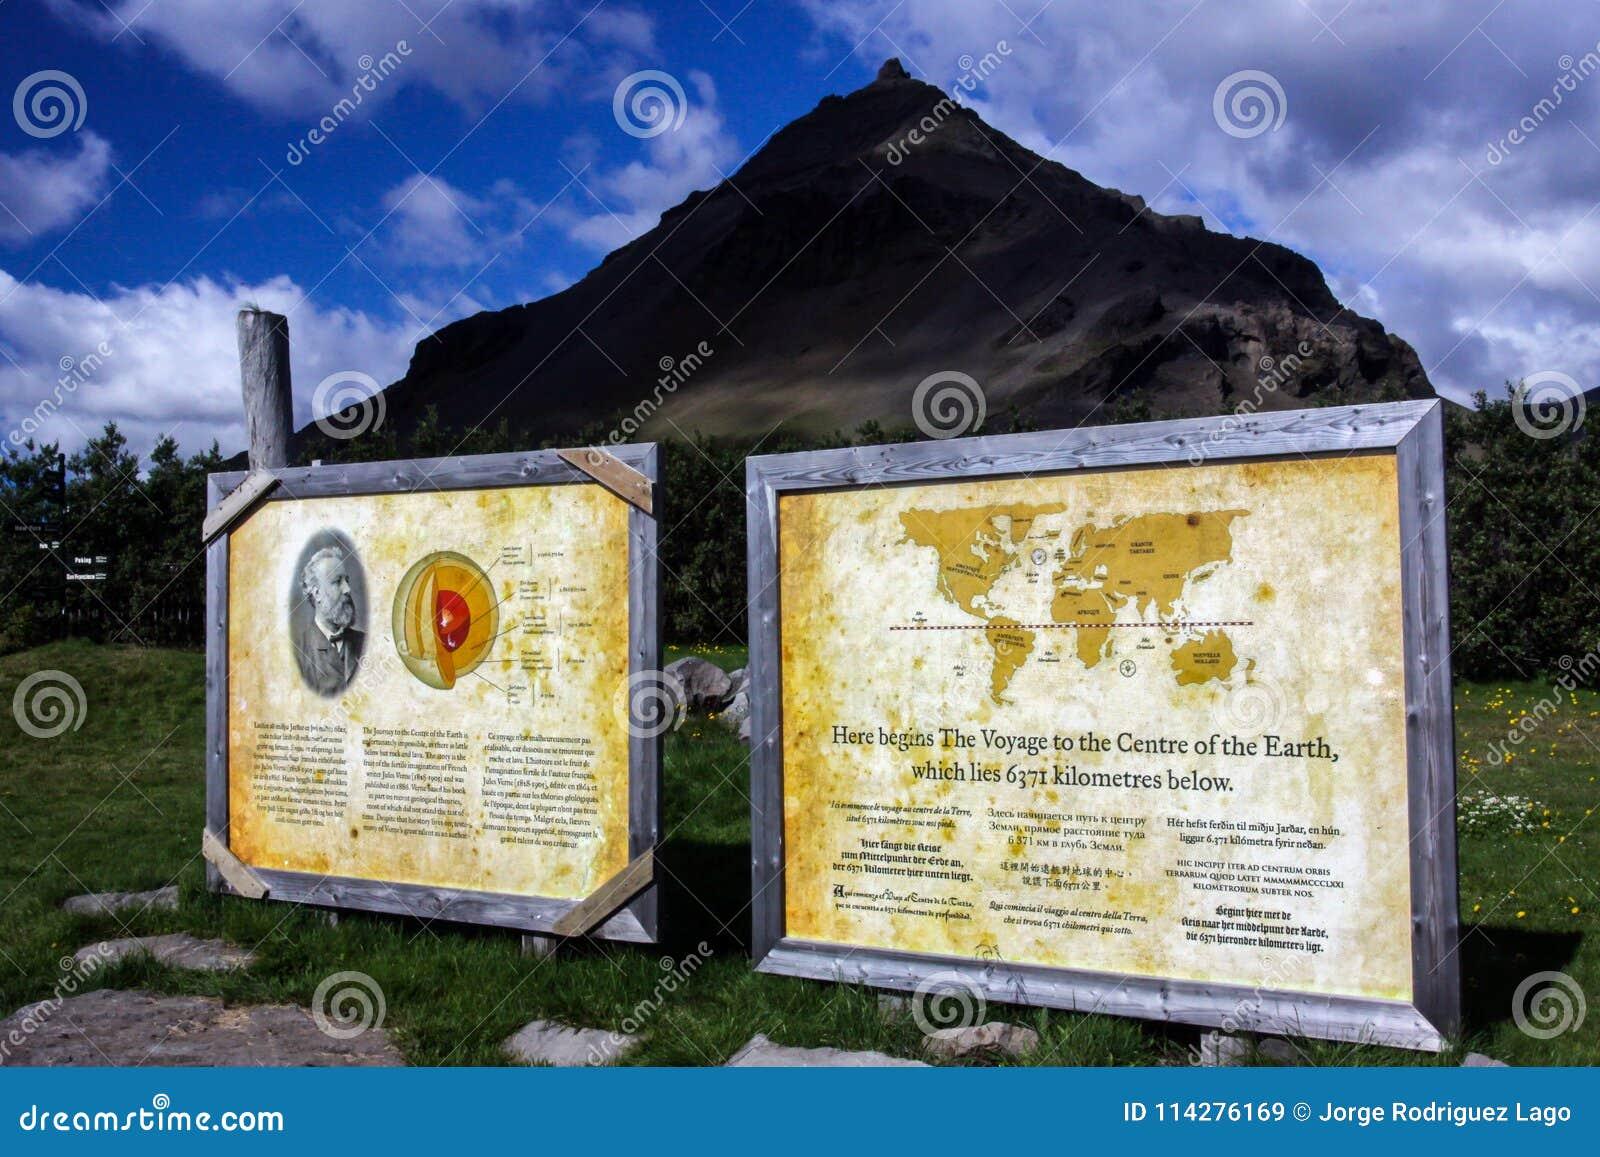 Centro da terra de acordo com Jules Verne em Islândia